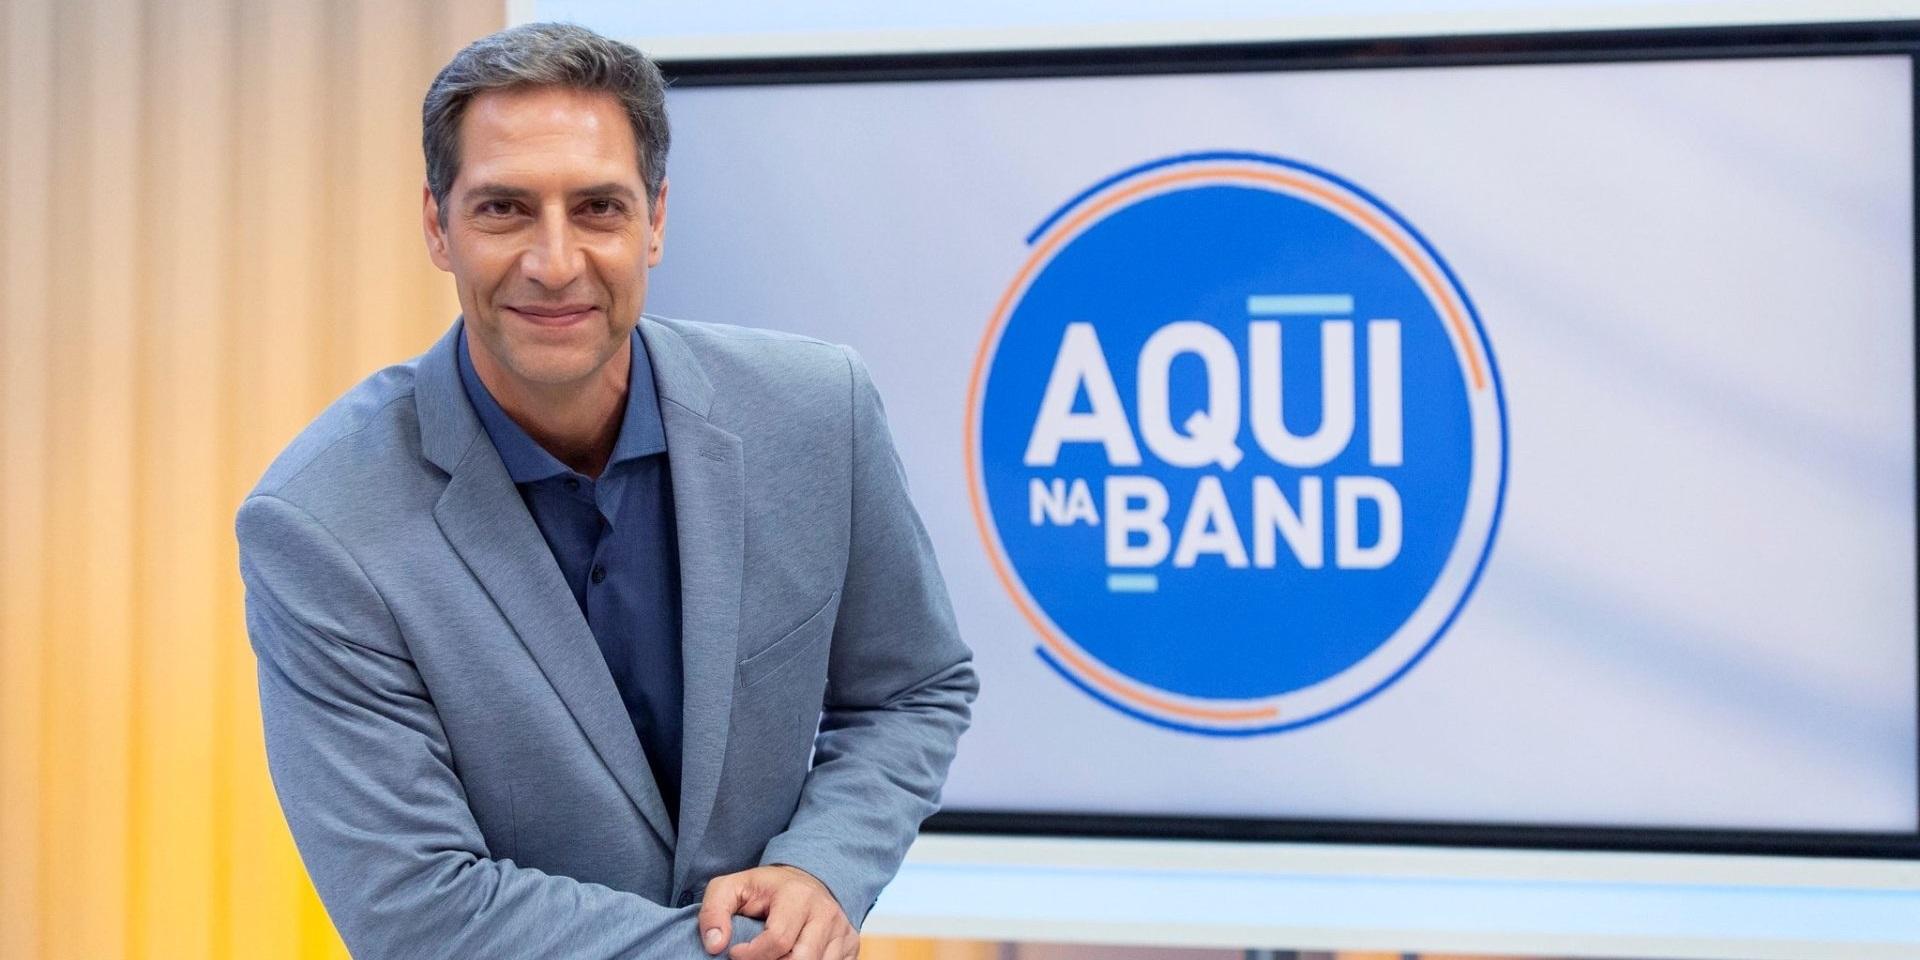 O apresentador comanda o 'Aqui na Band' (Foto: reprodução/Band)